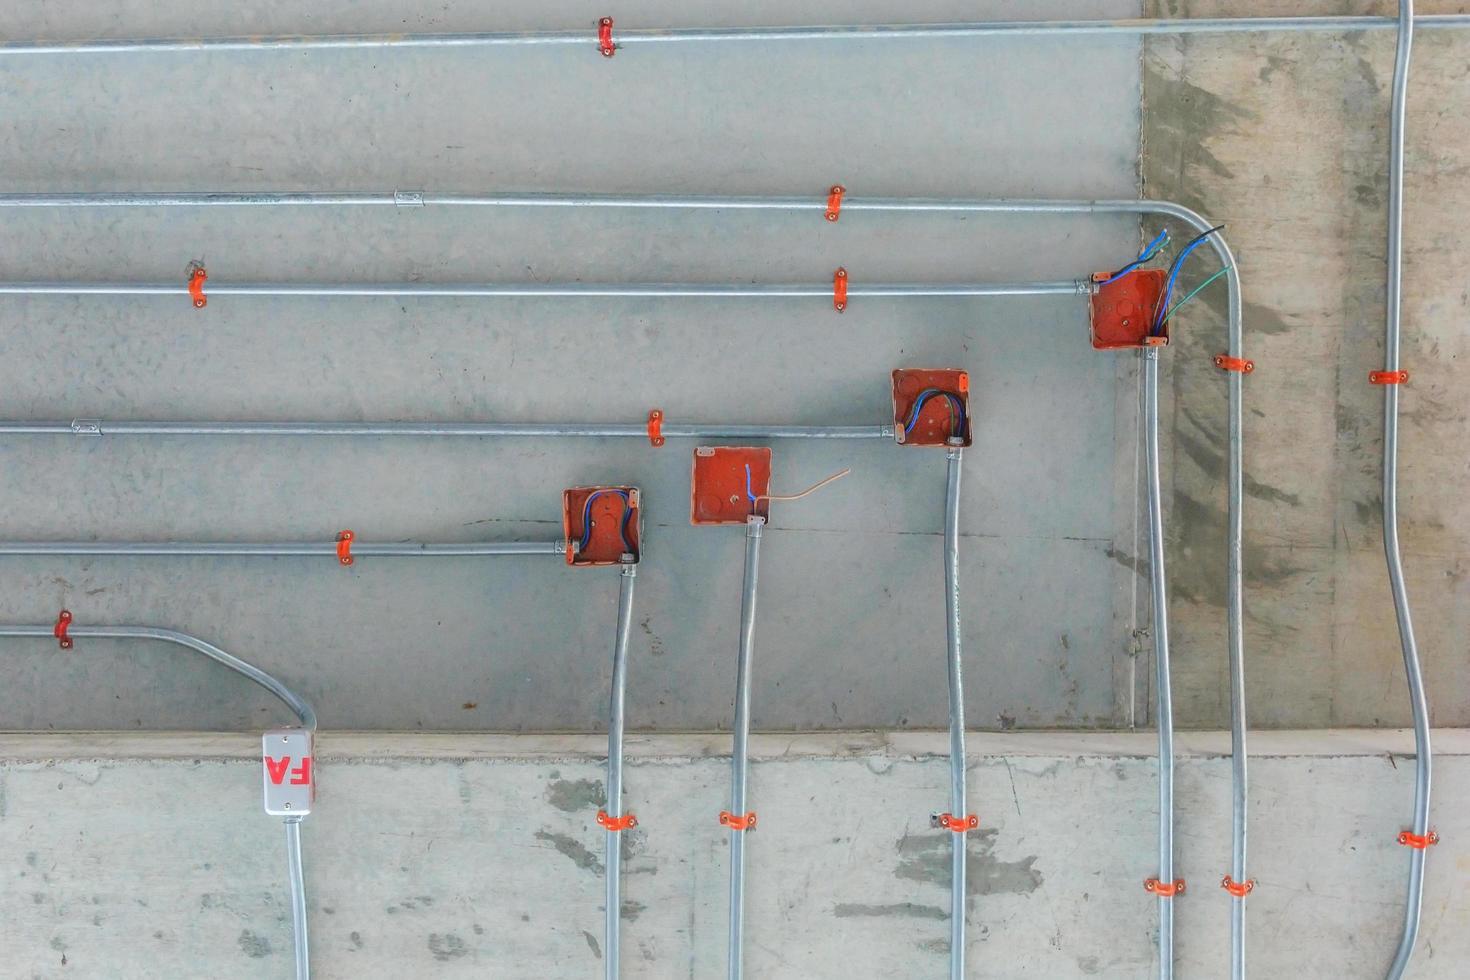 Stahlrohre für die Installation von Stromverteilungssystemen foto